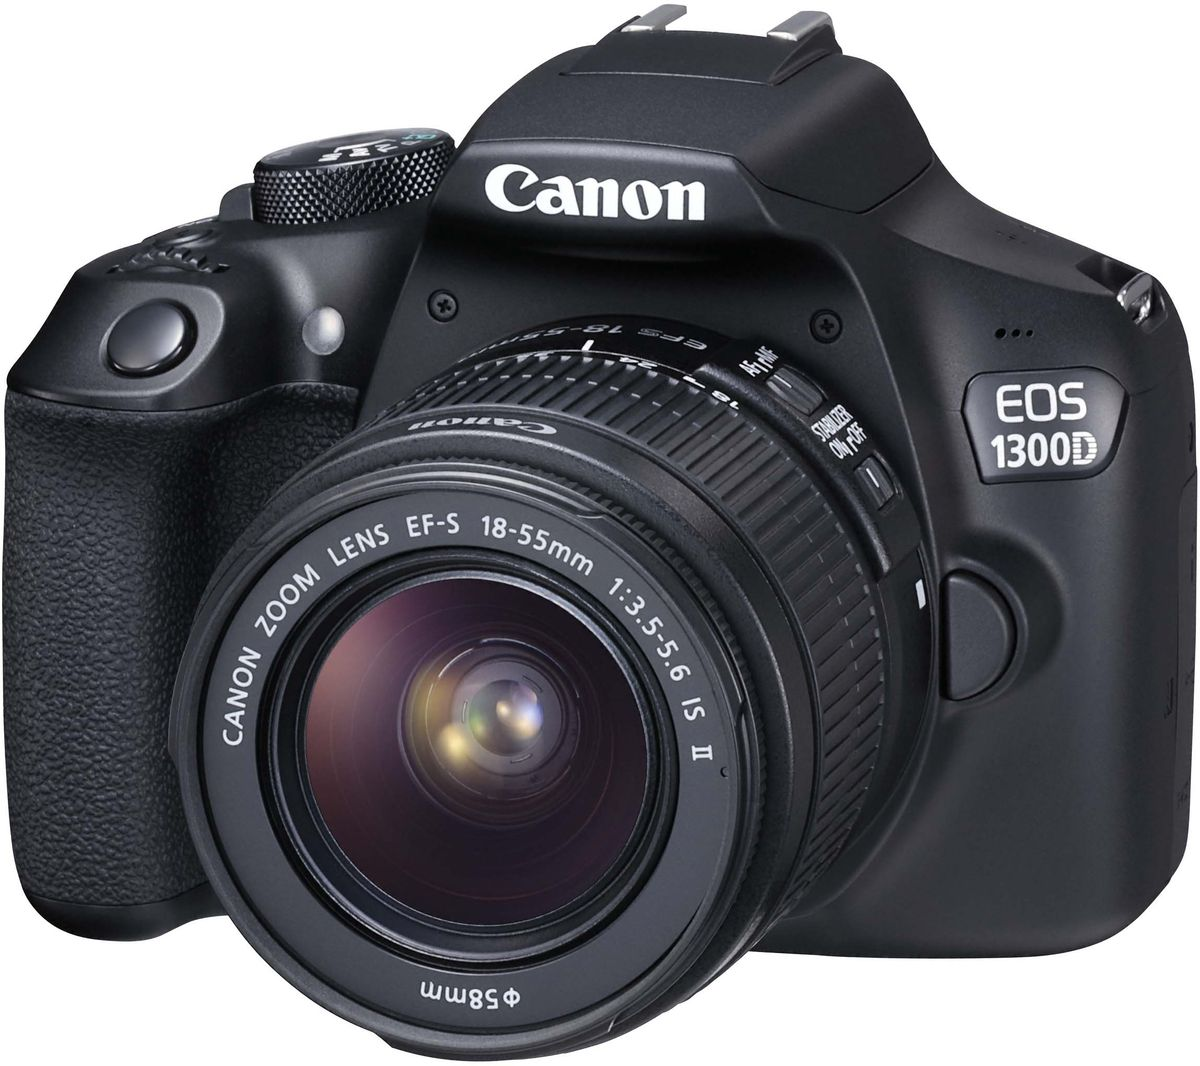 Canon EOS 1300D Kit 18-55 IS II цифровая зеркальная фотокамера1160C005Цифровая зеркальная фотокамера Canon EOS 1300D позволяет легко получать отличные фотографии и видео Full HD в кинематографическом качестве.Создавайте превосходные изображения с высокой детализацией благодаря большому 18-мегапиксельному датчику изображения размера APS-C. Распечатывайте изображения даже в формате A2 или креативно обрезайте их без потери качества.Снимайте великолепные фотографии без вспышки даже при слабом освещении, чтобы передать истинную атмосферу сцены. Диапазон чувствительности EOS 1300D составляет ISO 100–6400 (с возможностью увеличения до ISO 12800), что позволяет добиться естественного отображения на каждом снимке.Снимайте потрясающие портреты, используя малую глубину резкости, которая характерна для съемки цифровой зеркальной камерой и позволяет создавать эффектные фотографии, выделяя объект съемки на красиво размытом заднем плане.Создавайте изображения с высокой детализацией и точной передачей цвета и контрастности благодаря возможностям процессора DIGIC 4+.С технологией NFC можно быстро подключиться к смартфонам и планшетам на базе Android и одним касанием запустить приложение Camera Connect. Кроме того, приложение можно запустить через сеть Wi-Fi с помощью устройств на базе iOS и устройств, не поддерживающих NFC. Идеально подходит для легкой передачи изображений и видео на ходу.Снимайте видео Full HD в превосходном кинематографическом качестве с высочайшей детализацией благодаря управлению глубиной резкости, которое позволяет выделить объект на переднем плане и создать красивое размытие заднего плана.Вы никогда не упустите решающий момент благодаря быстрой и точной автофокусировке и скорости съемки 3 кадра/сек. при полном разрешении. Идеально подходит для получения резких снимков спортивных событий и динамических сцен.Легко выстраивайте композицию кадра с помощью оптического видоискателя и просматривайте результаты на удобном трехдюймовом ЖК-экране (7,5 см) с разрешением 